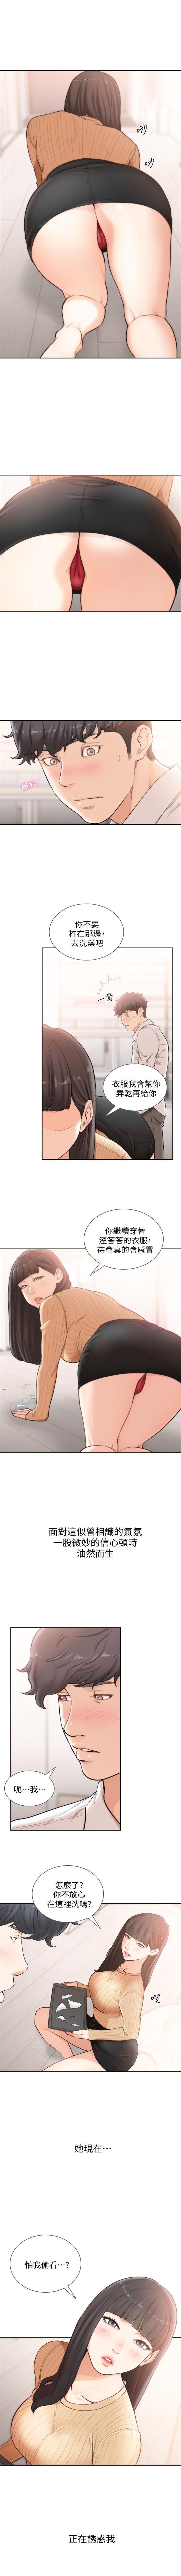 前女友 1-48 中文翻译(更新中) 228